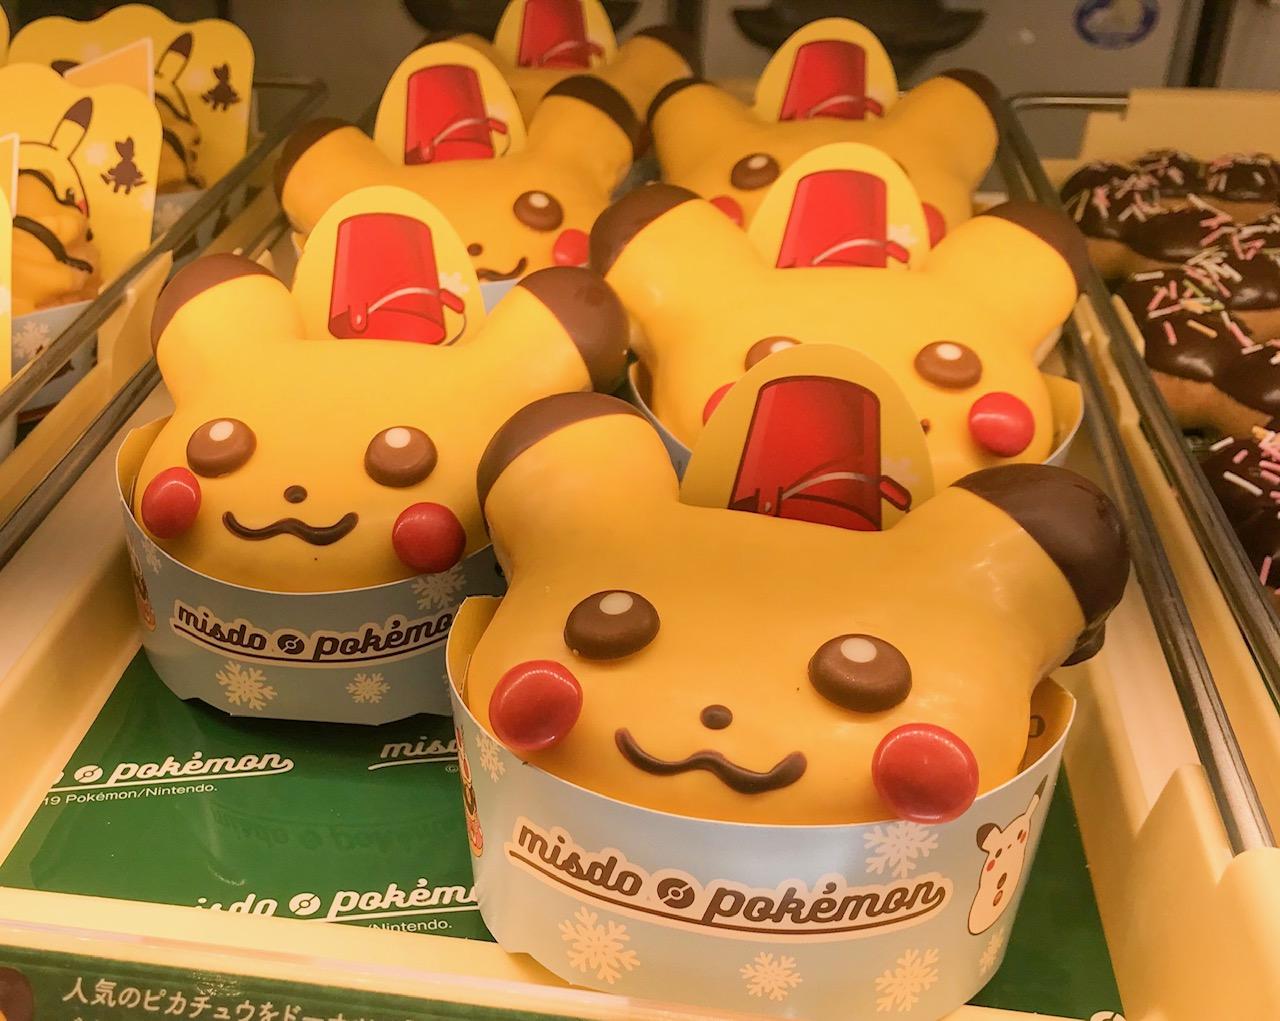 【ミスド新作】「ピカチュウ ドーナツ」をはじめ、ポケモンアイテムが2019も登場! タピオカやオリジナルグッズも♡_2